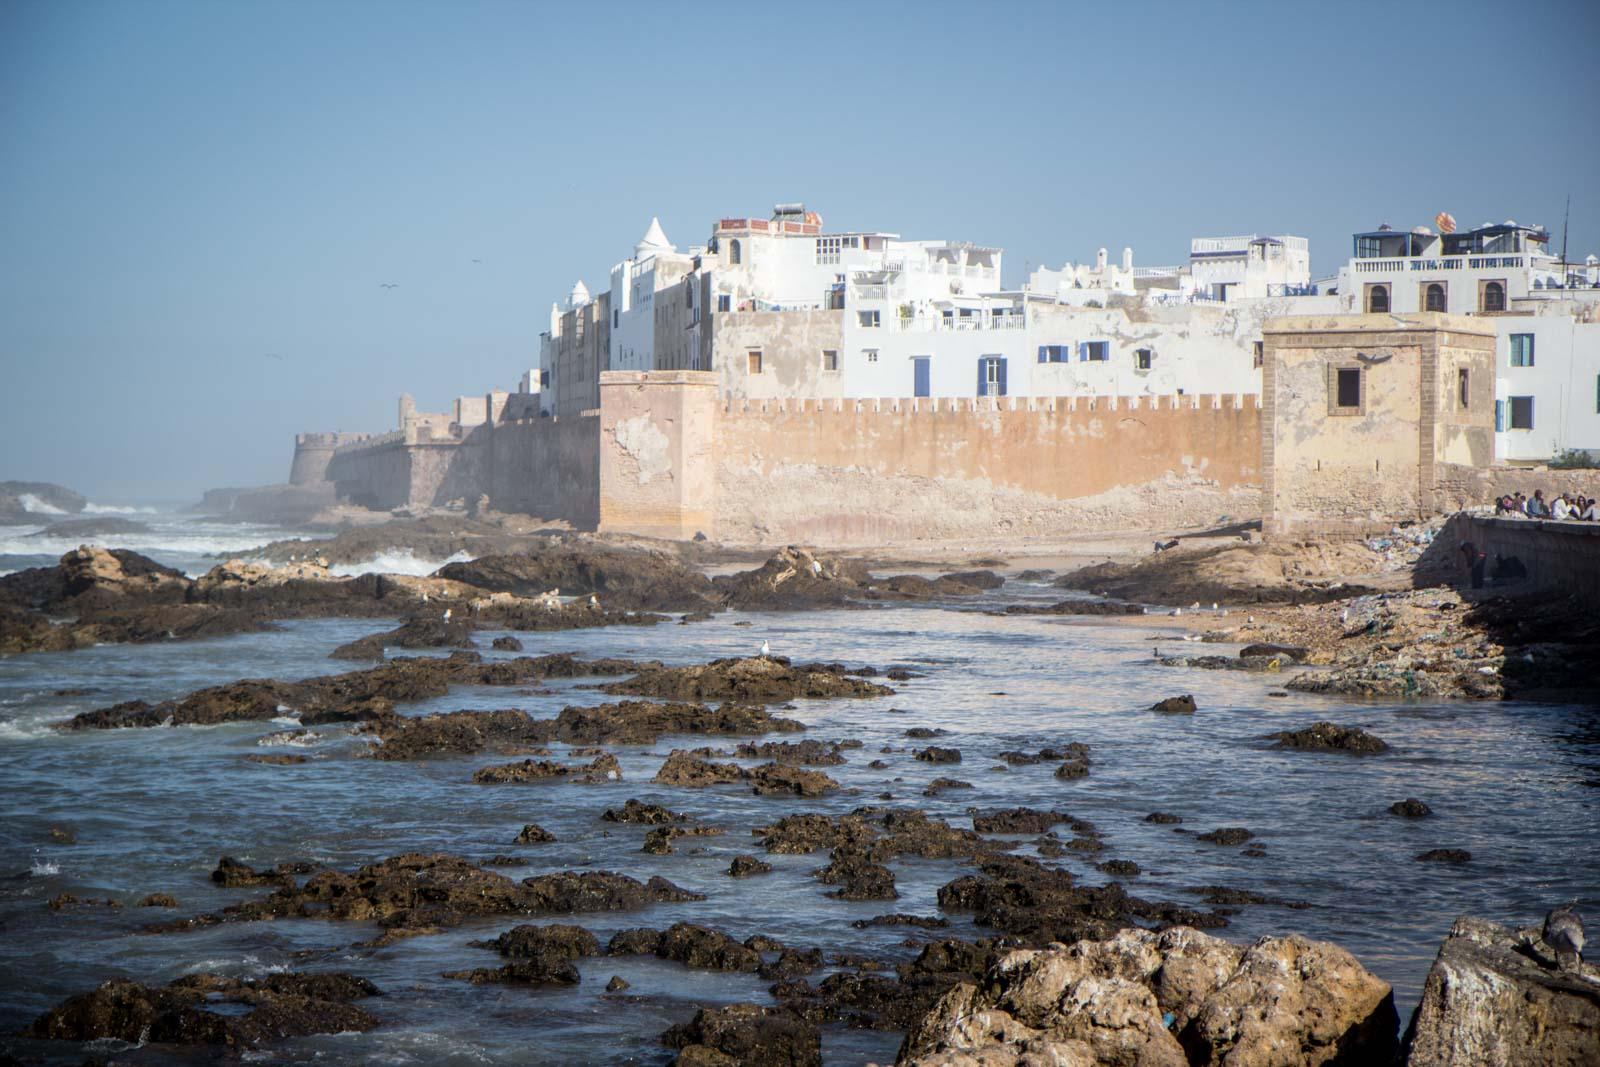 Essaouira Medina (Mogador), Morocco